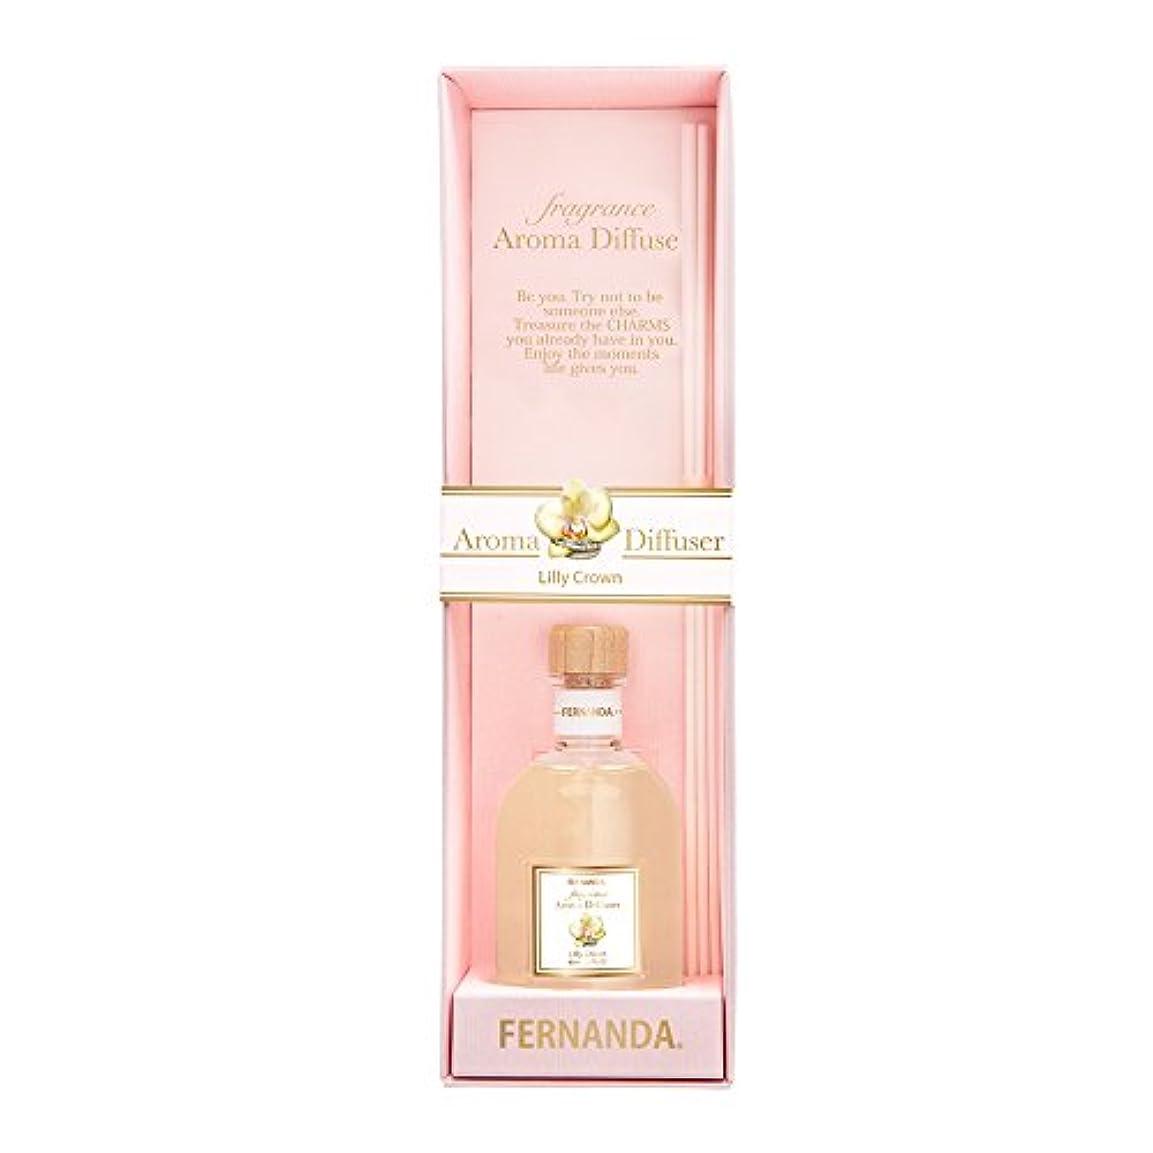 右許可するファーザーファージュFERNANDA(フェルナンダ) Fragrance Aroma Diffuser Lilly Crown (アロマディフューザー リリークラウン)